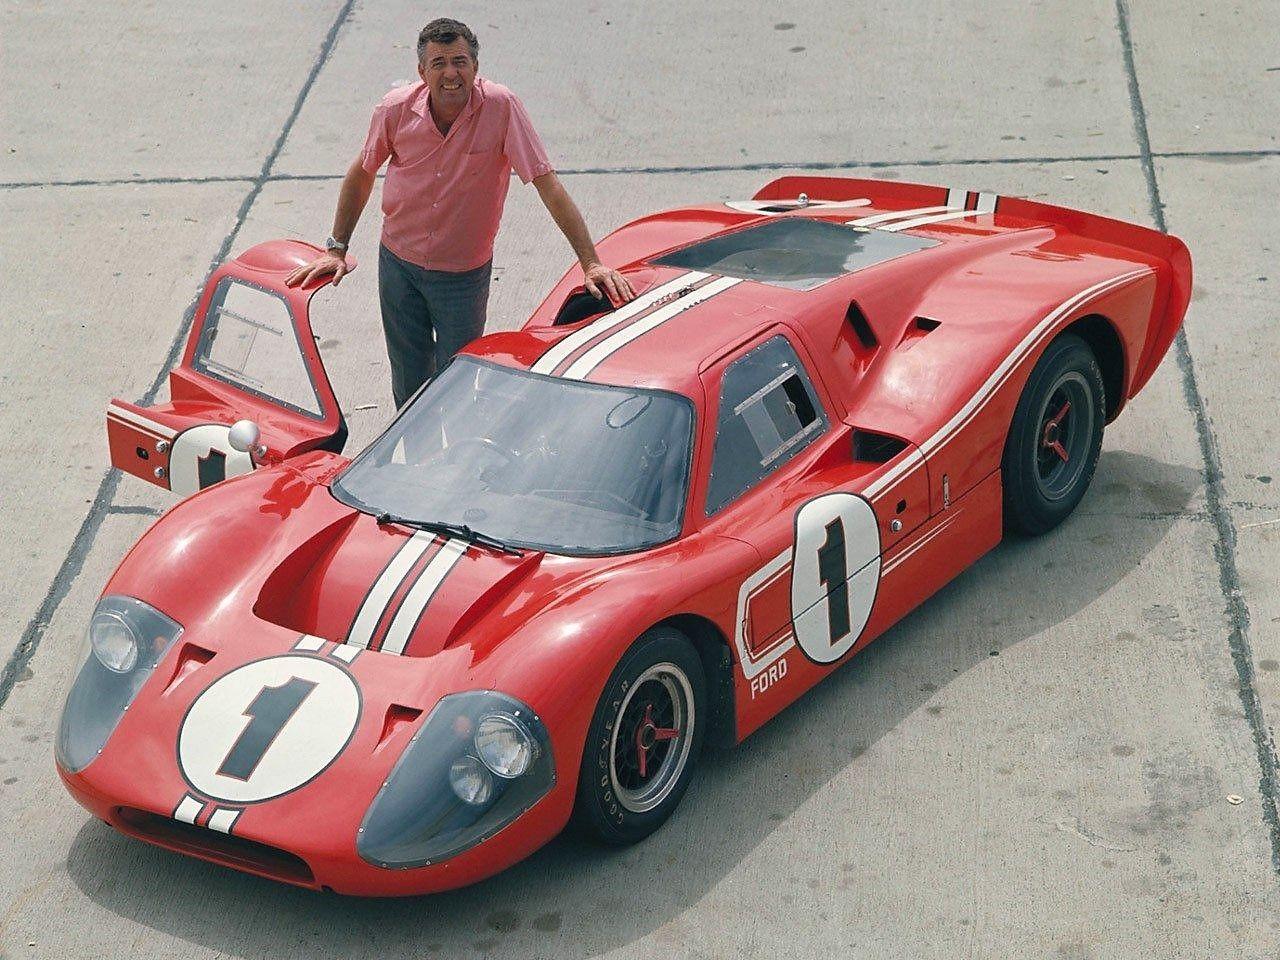 Caroll Shelby Et La Ford Gt Mk Gagnante Des  Heures Du Mans  Ph Jalopnik Source Uk Racing History